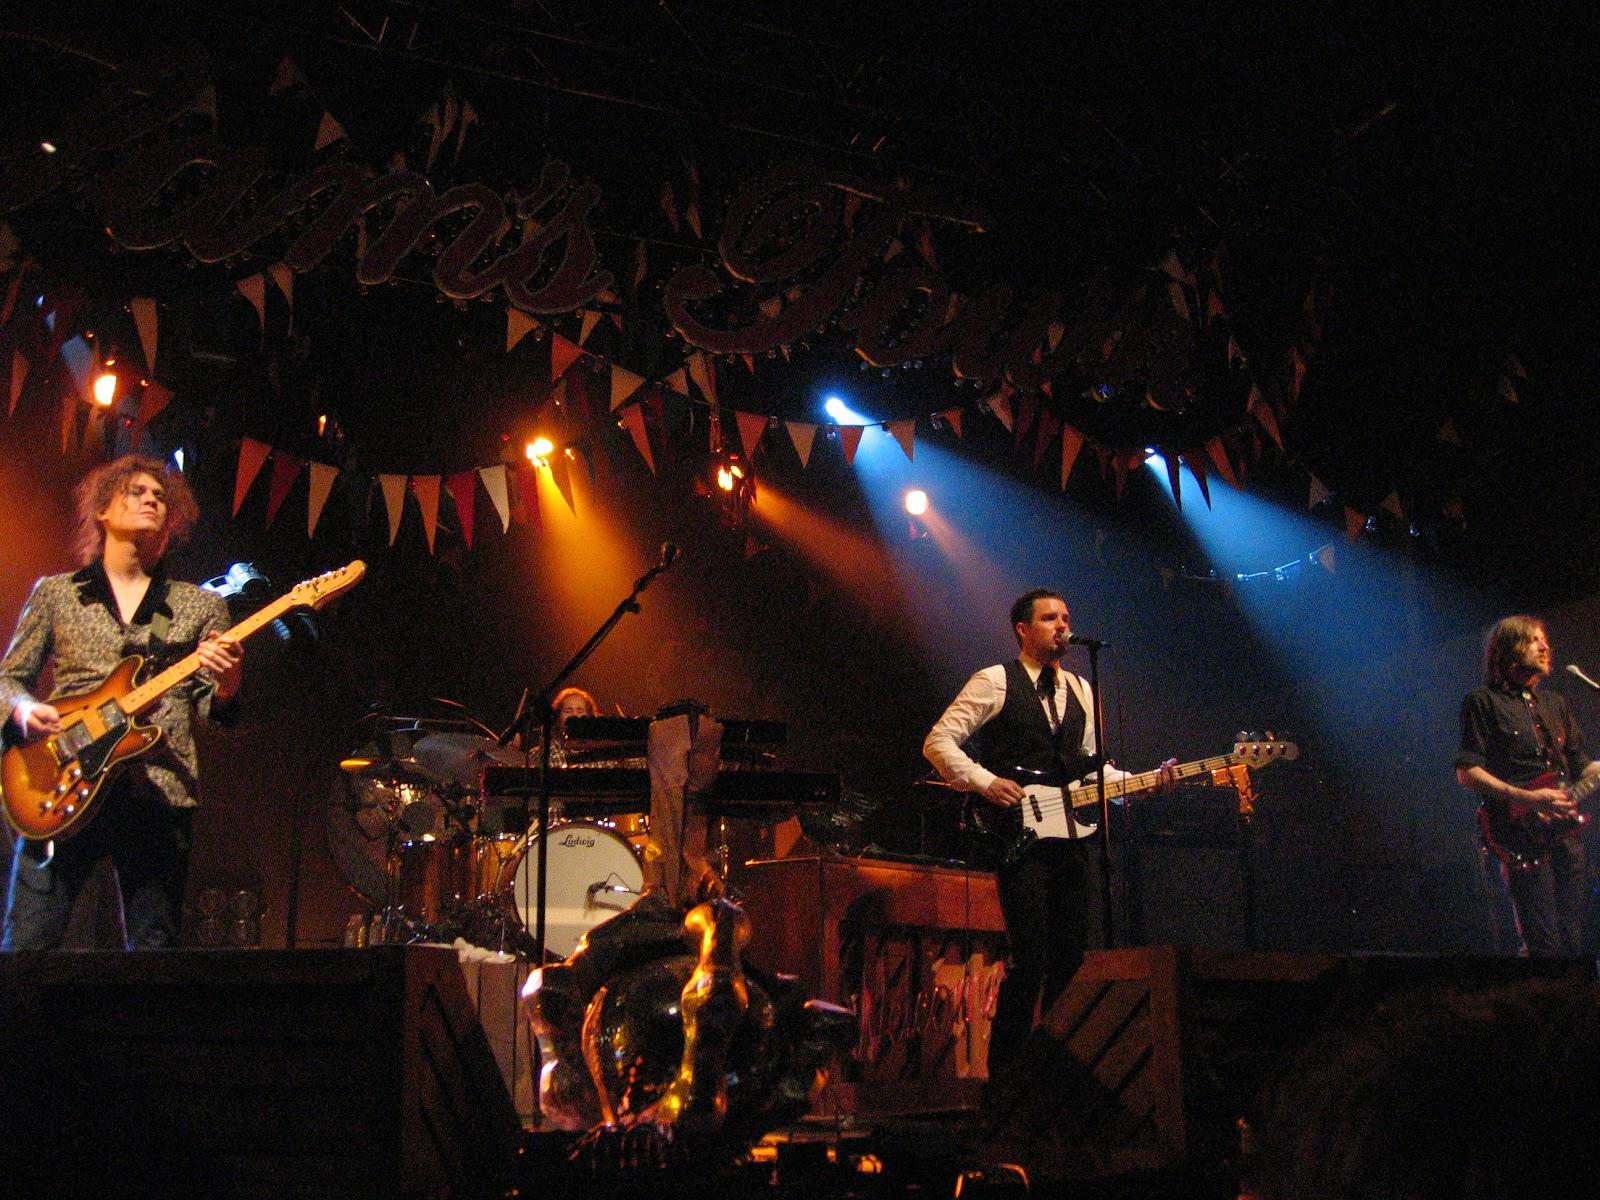 http://2.bp.blogspot.com/-X9laTIlTQdk/T1CmAa4xHcI/AAAAAAAAAgA/7BdOUiN-foQ/s1600/The_Killers_in_concert.jpg